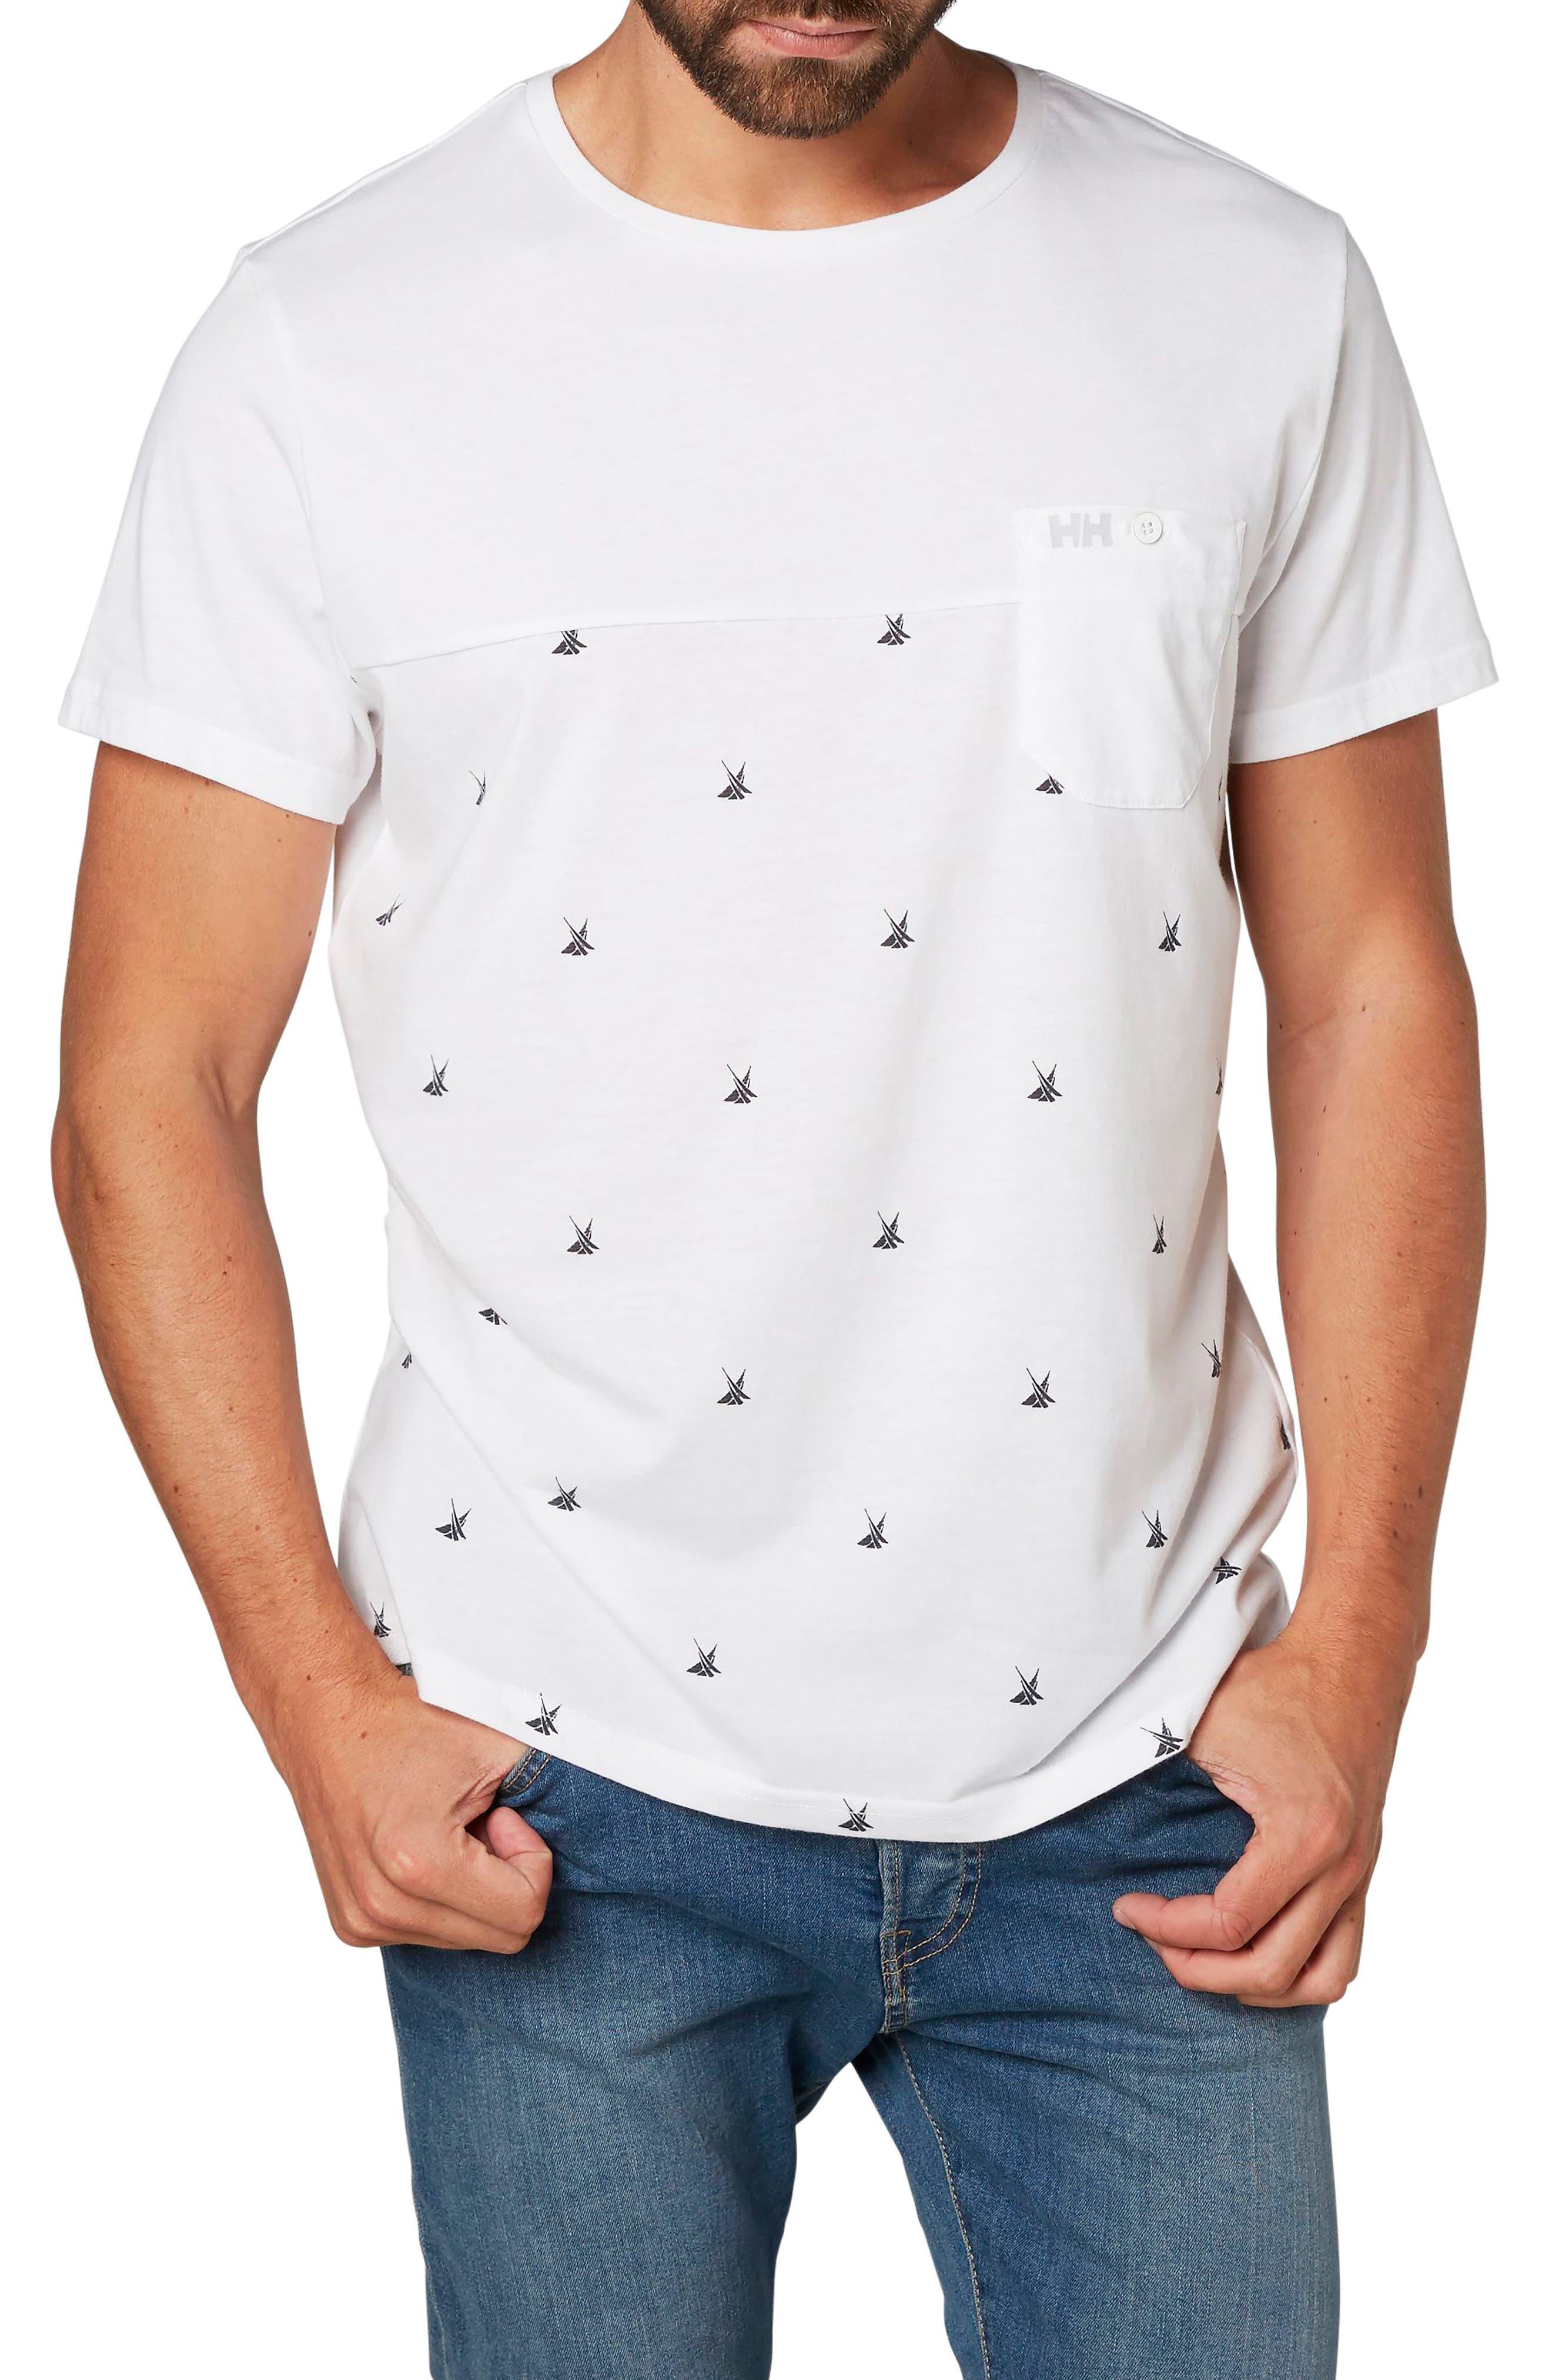 Fjord Cotton Blend T-Shirt,                         Main,                         color, 100